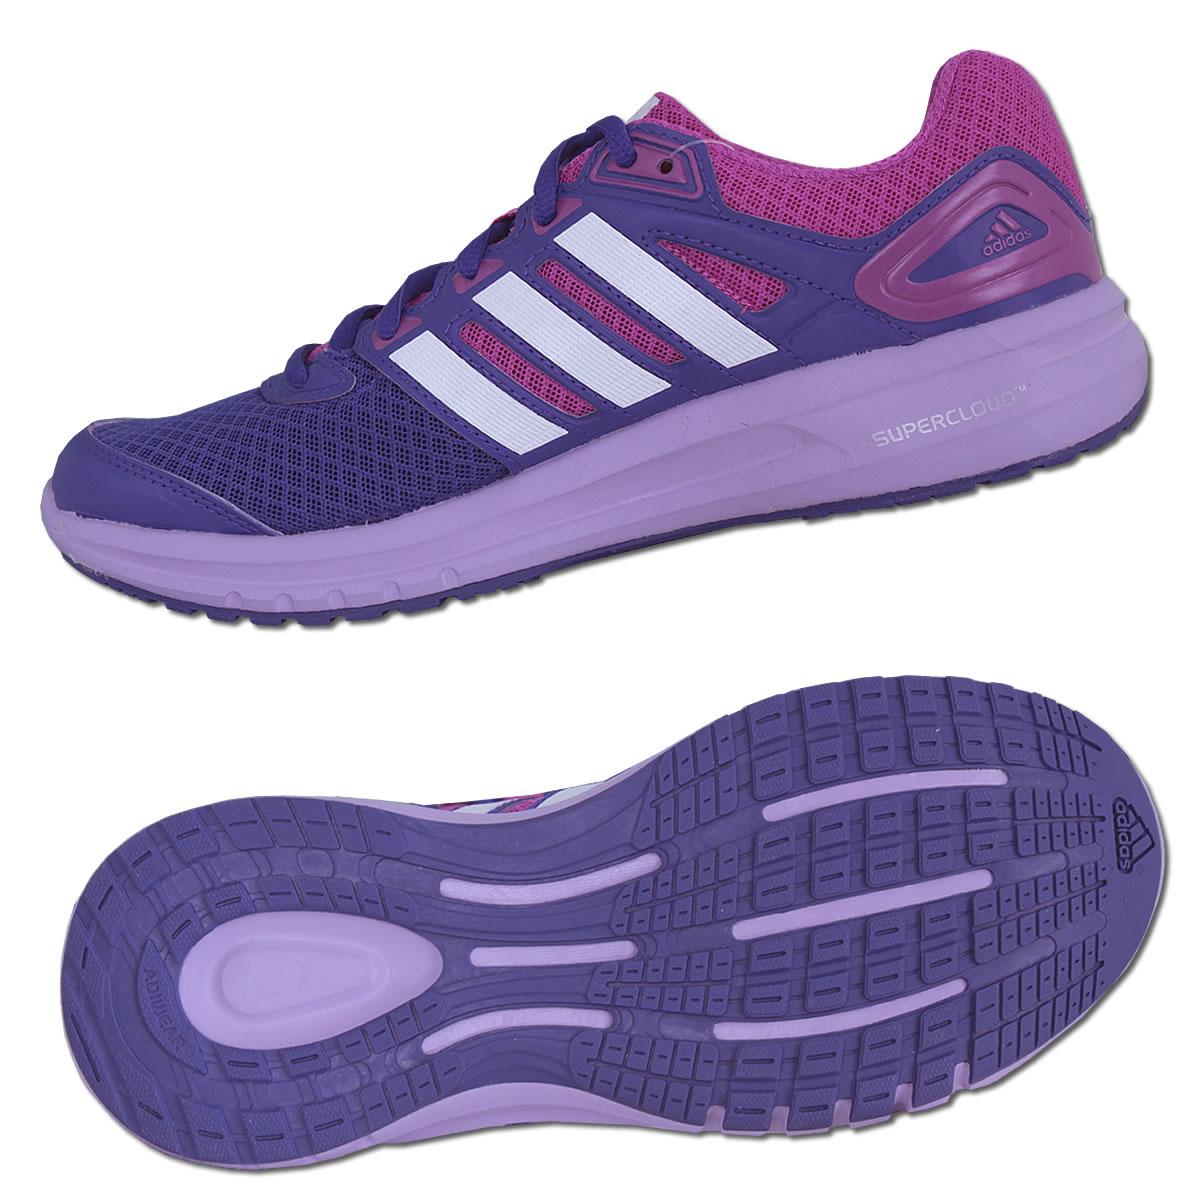 adidas Damen Laufschuhe Duramo Running Schuhe Sportschuh ...